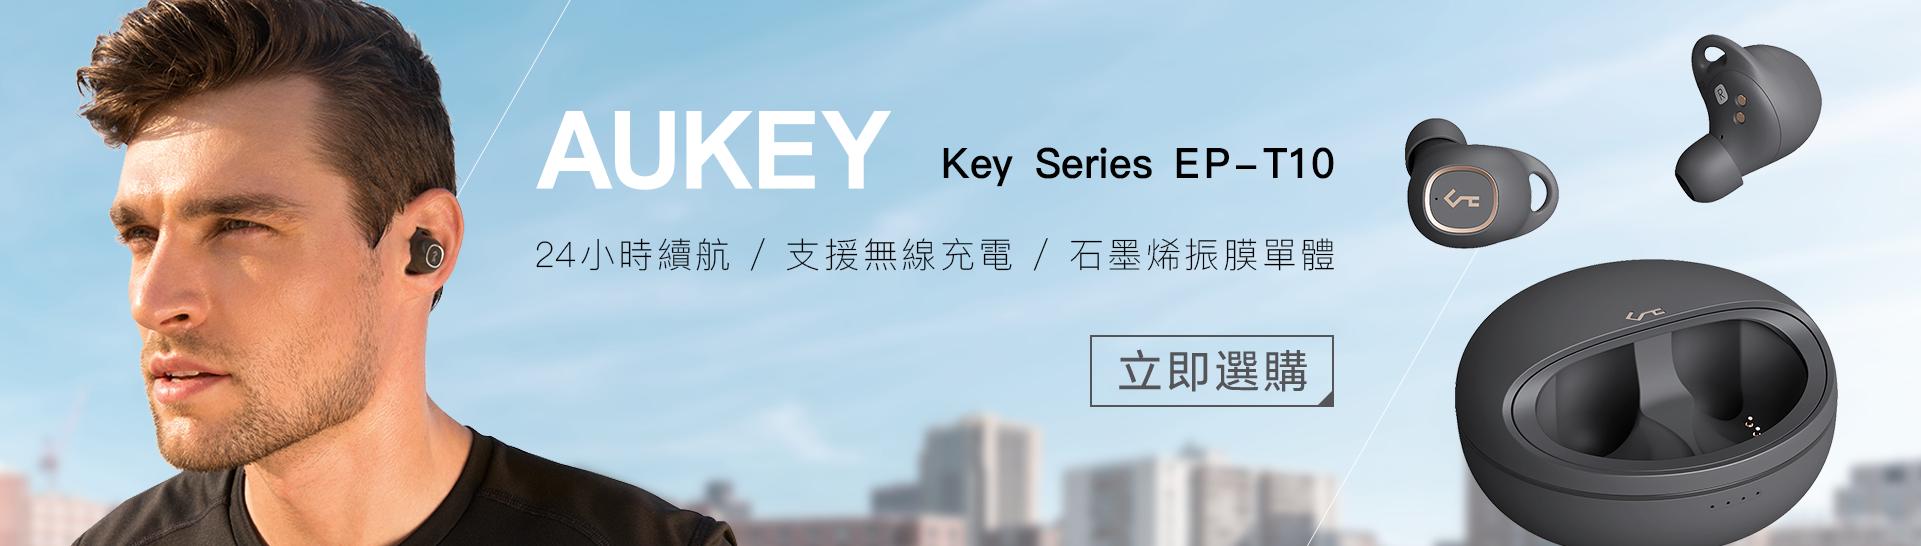 A1 AUKEY Key Series EP-T10真無線藍牙耳機|WitsPer智選家